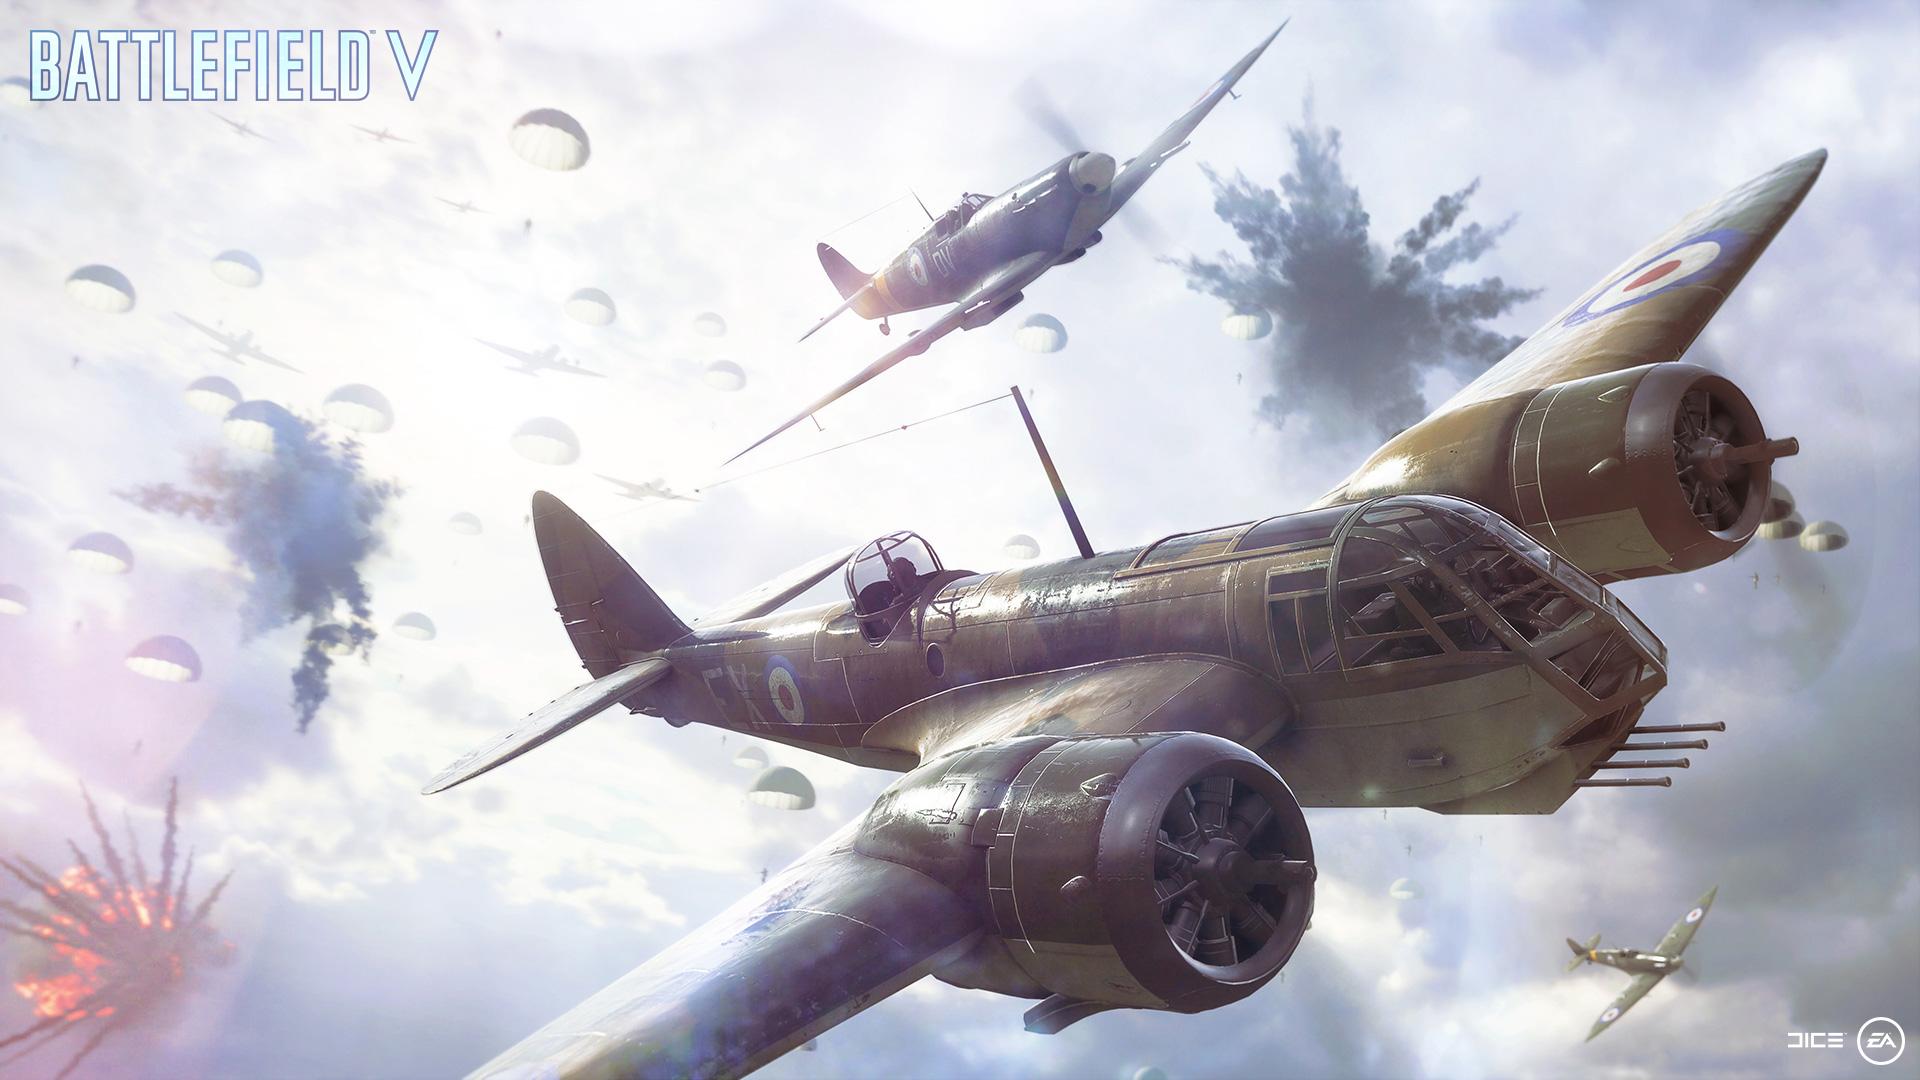 http://www.idgtv.es/archivos/201805/battlefield-v-img8.jpg